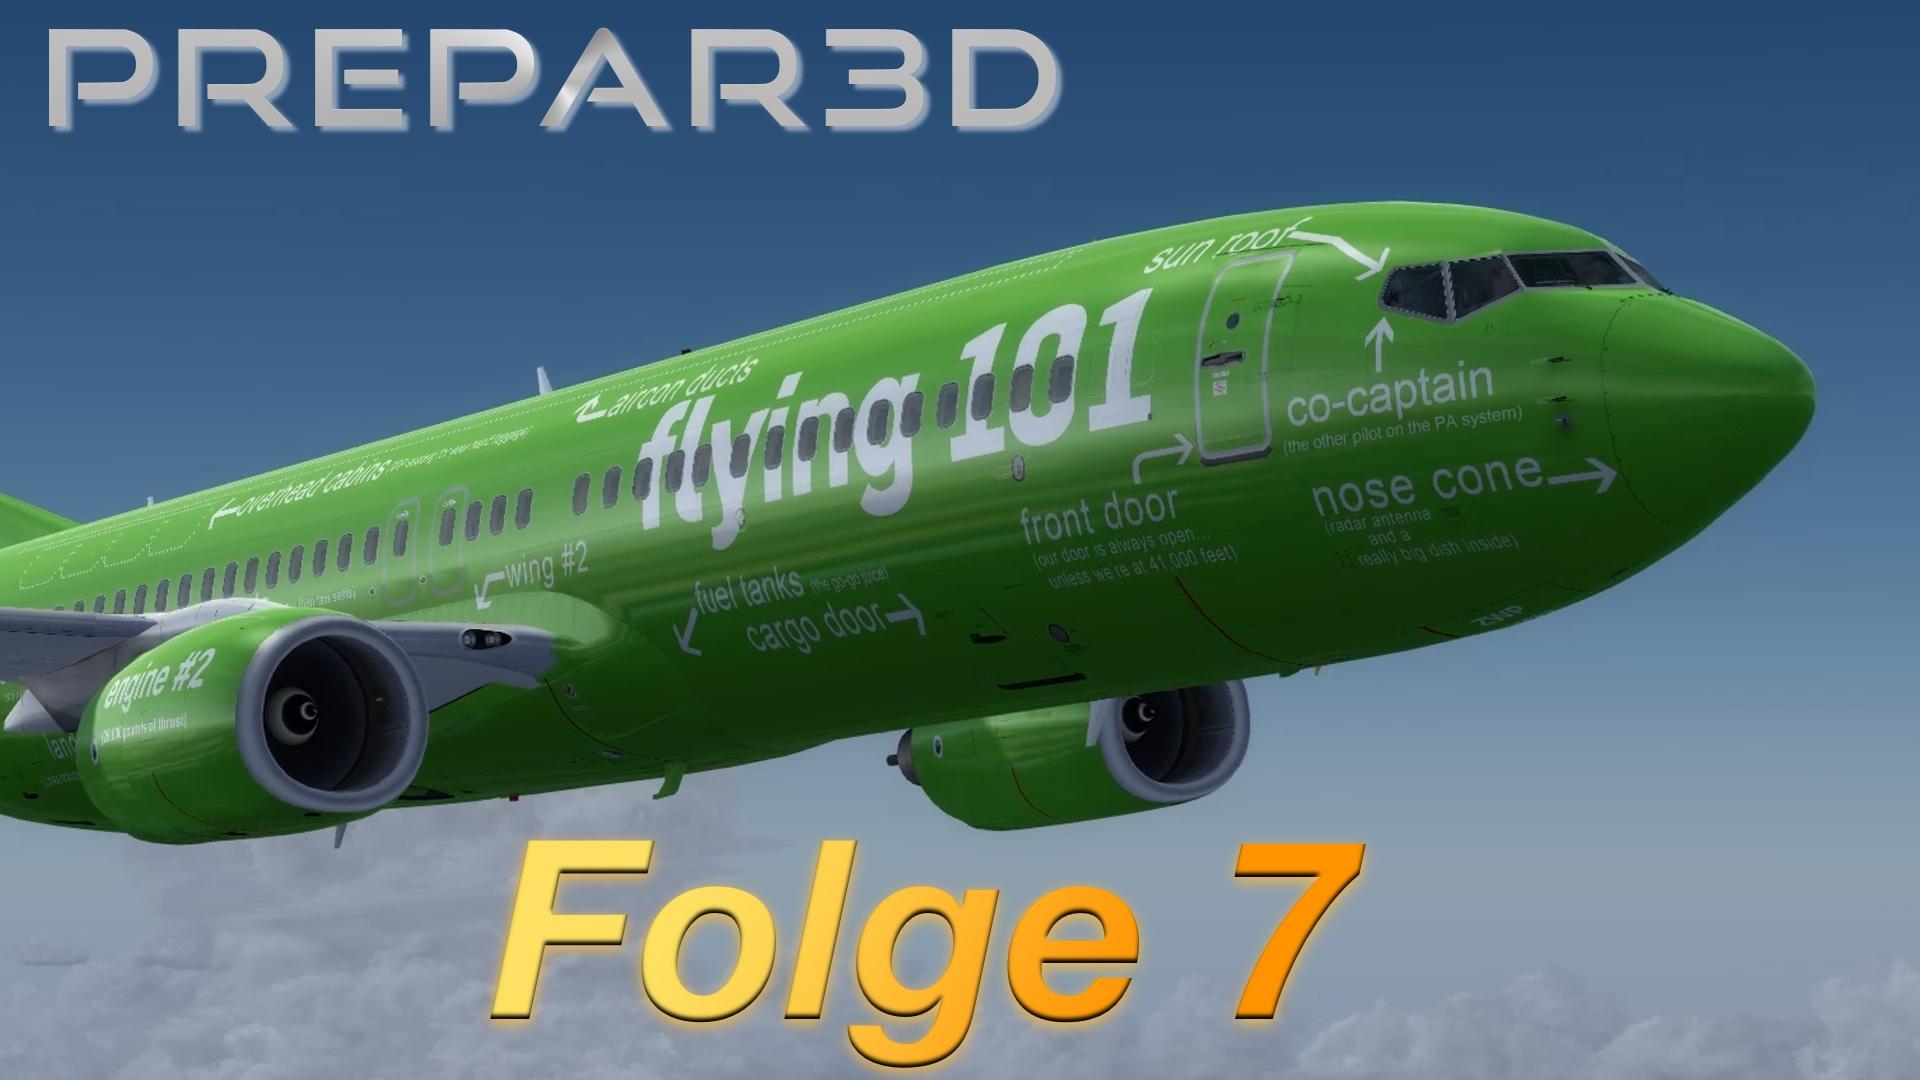 Prepar3D Folge7-thumb